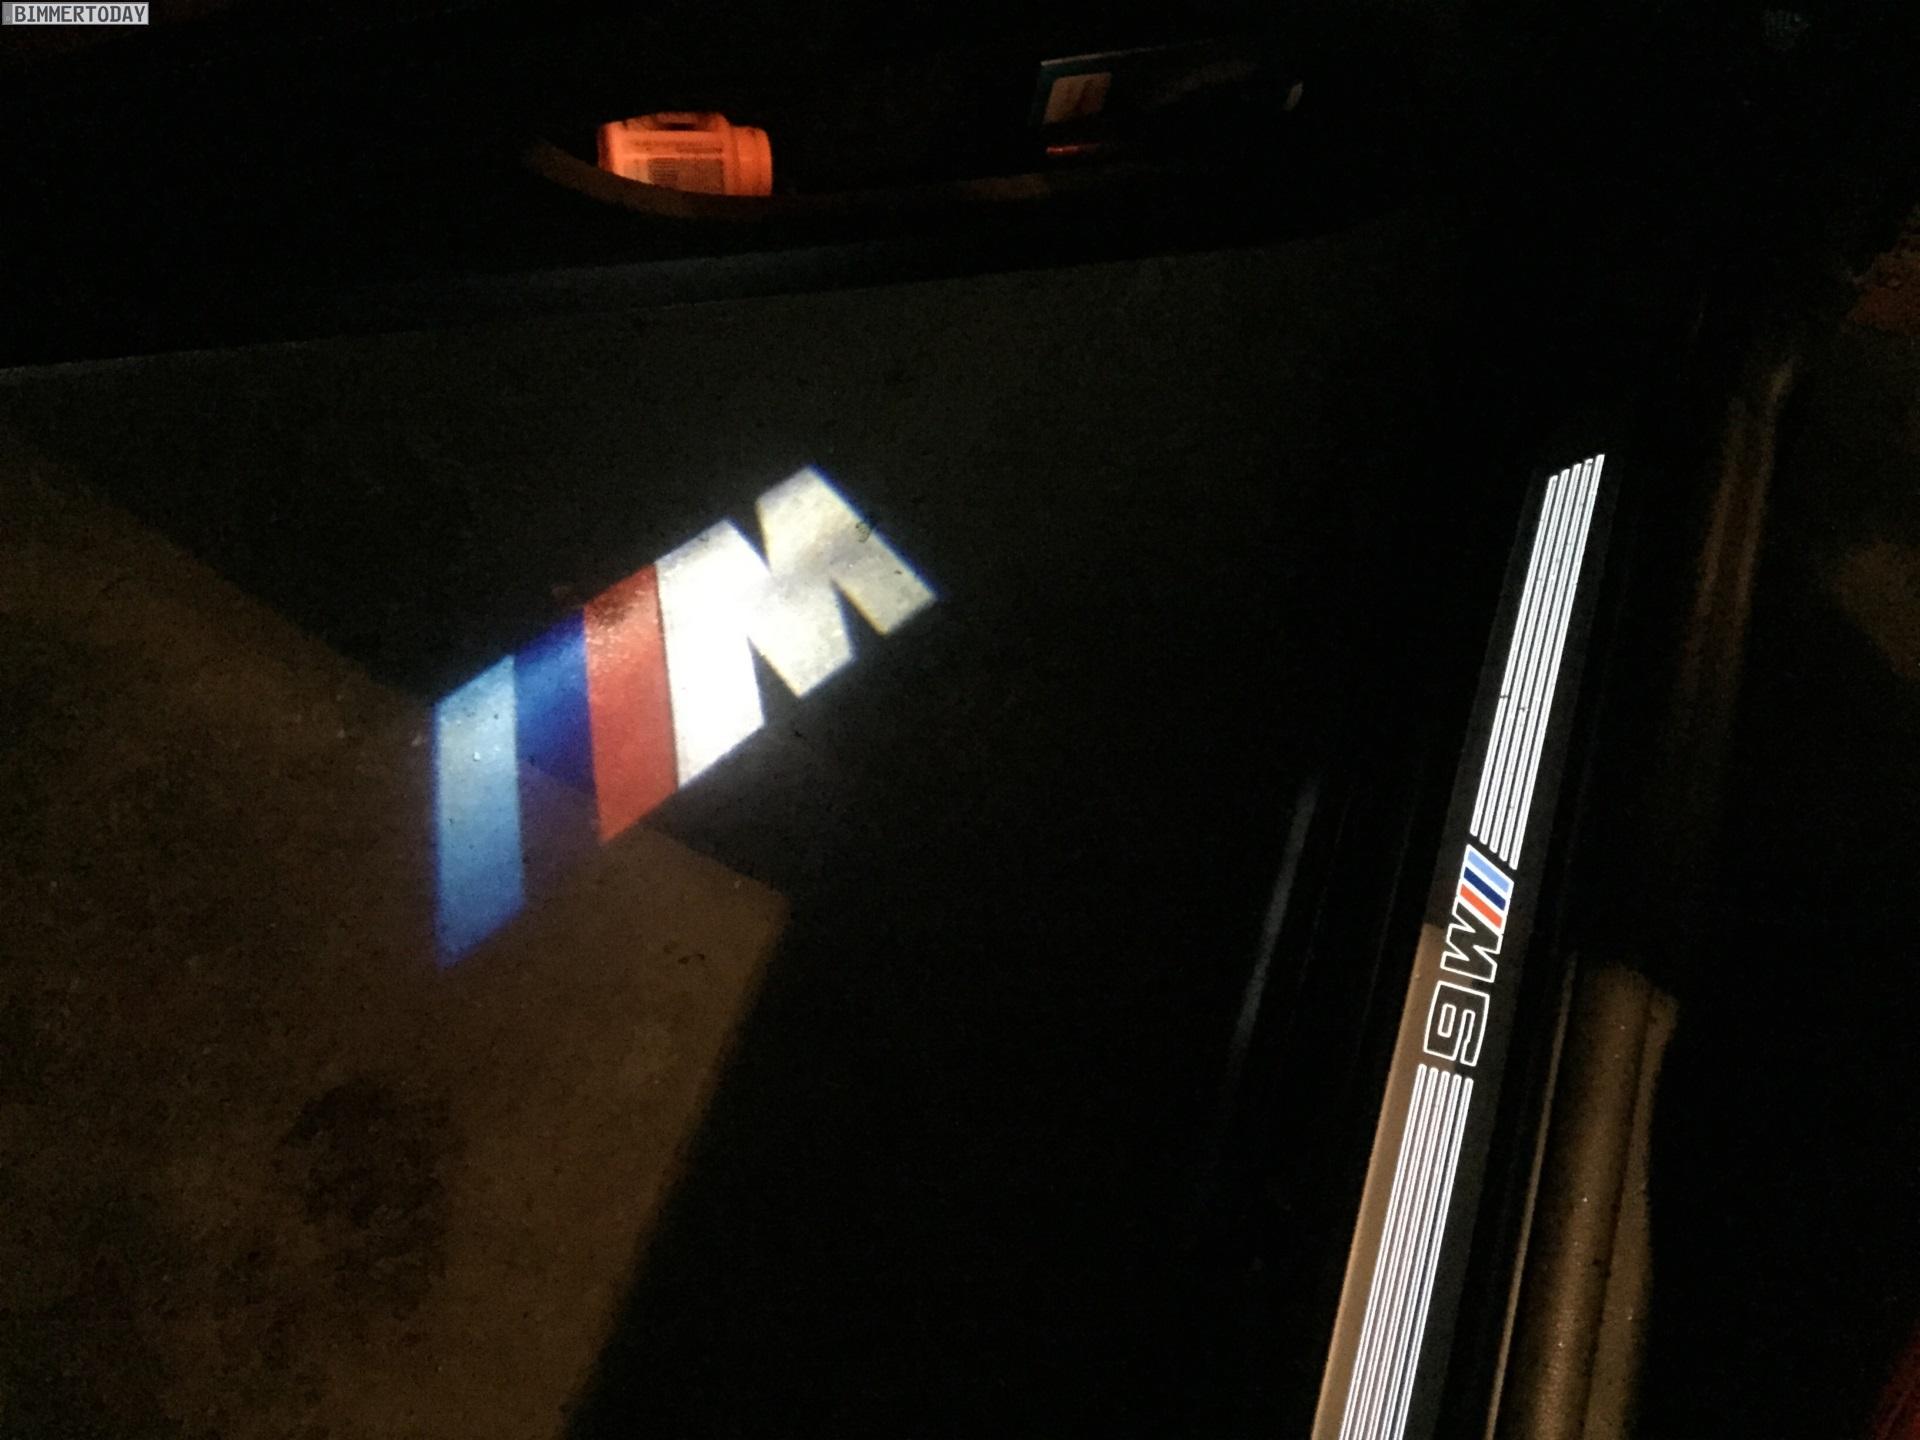 BMW LED Projektor Tuer Projektion M Logo Zubehoer LED Door Projector 01 2